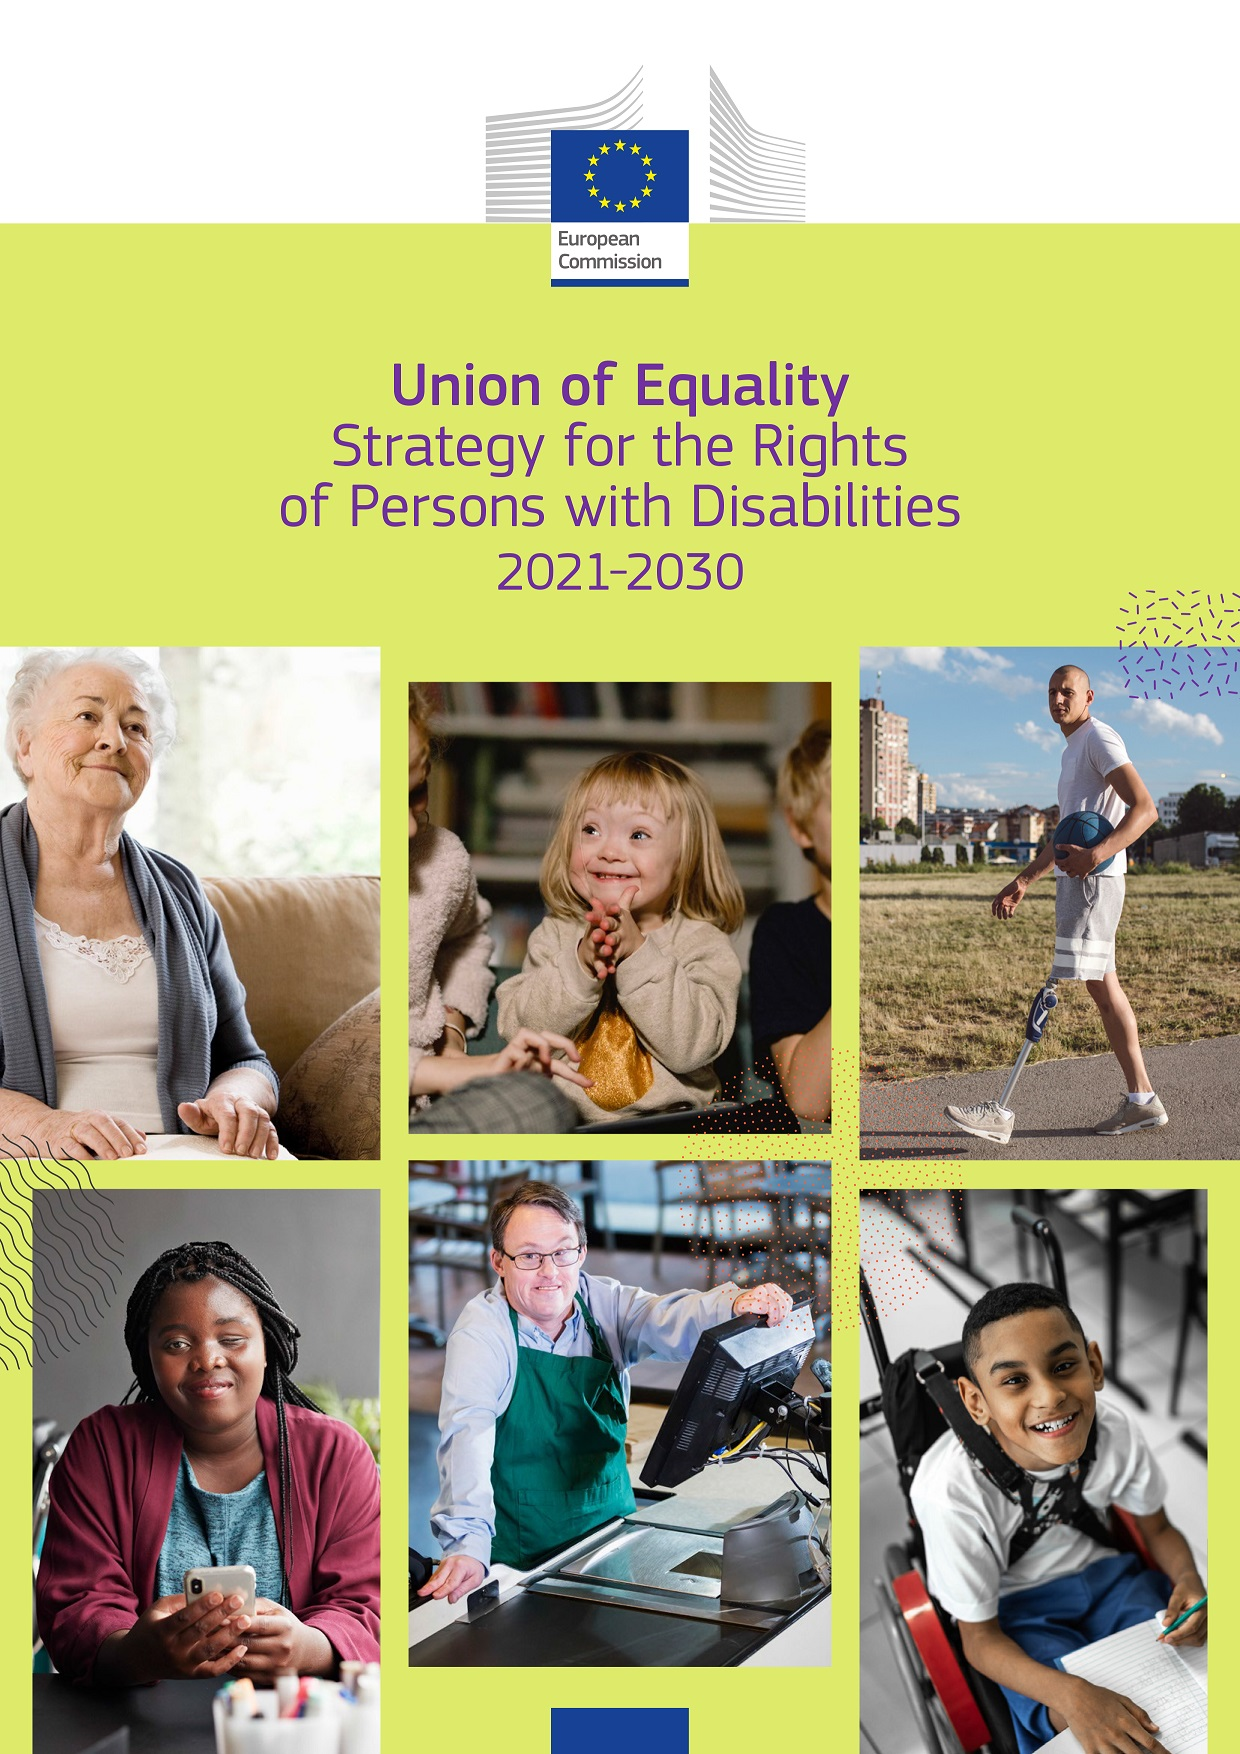 Portada Estrategia Derechos Personas Discapacidad